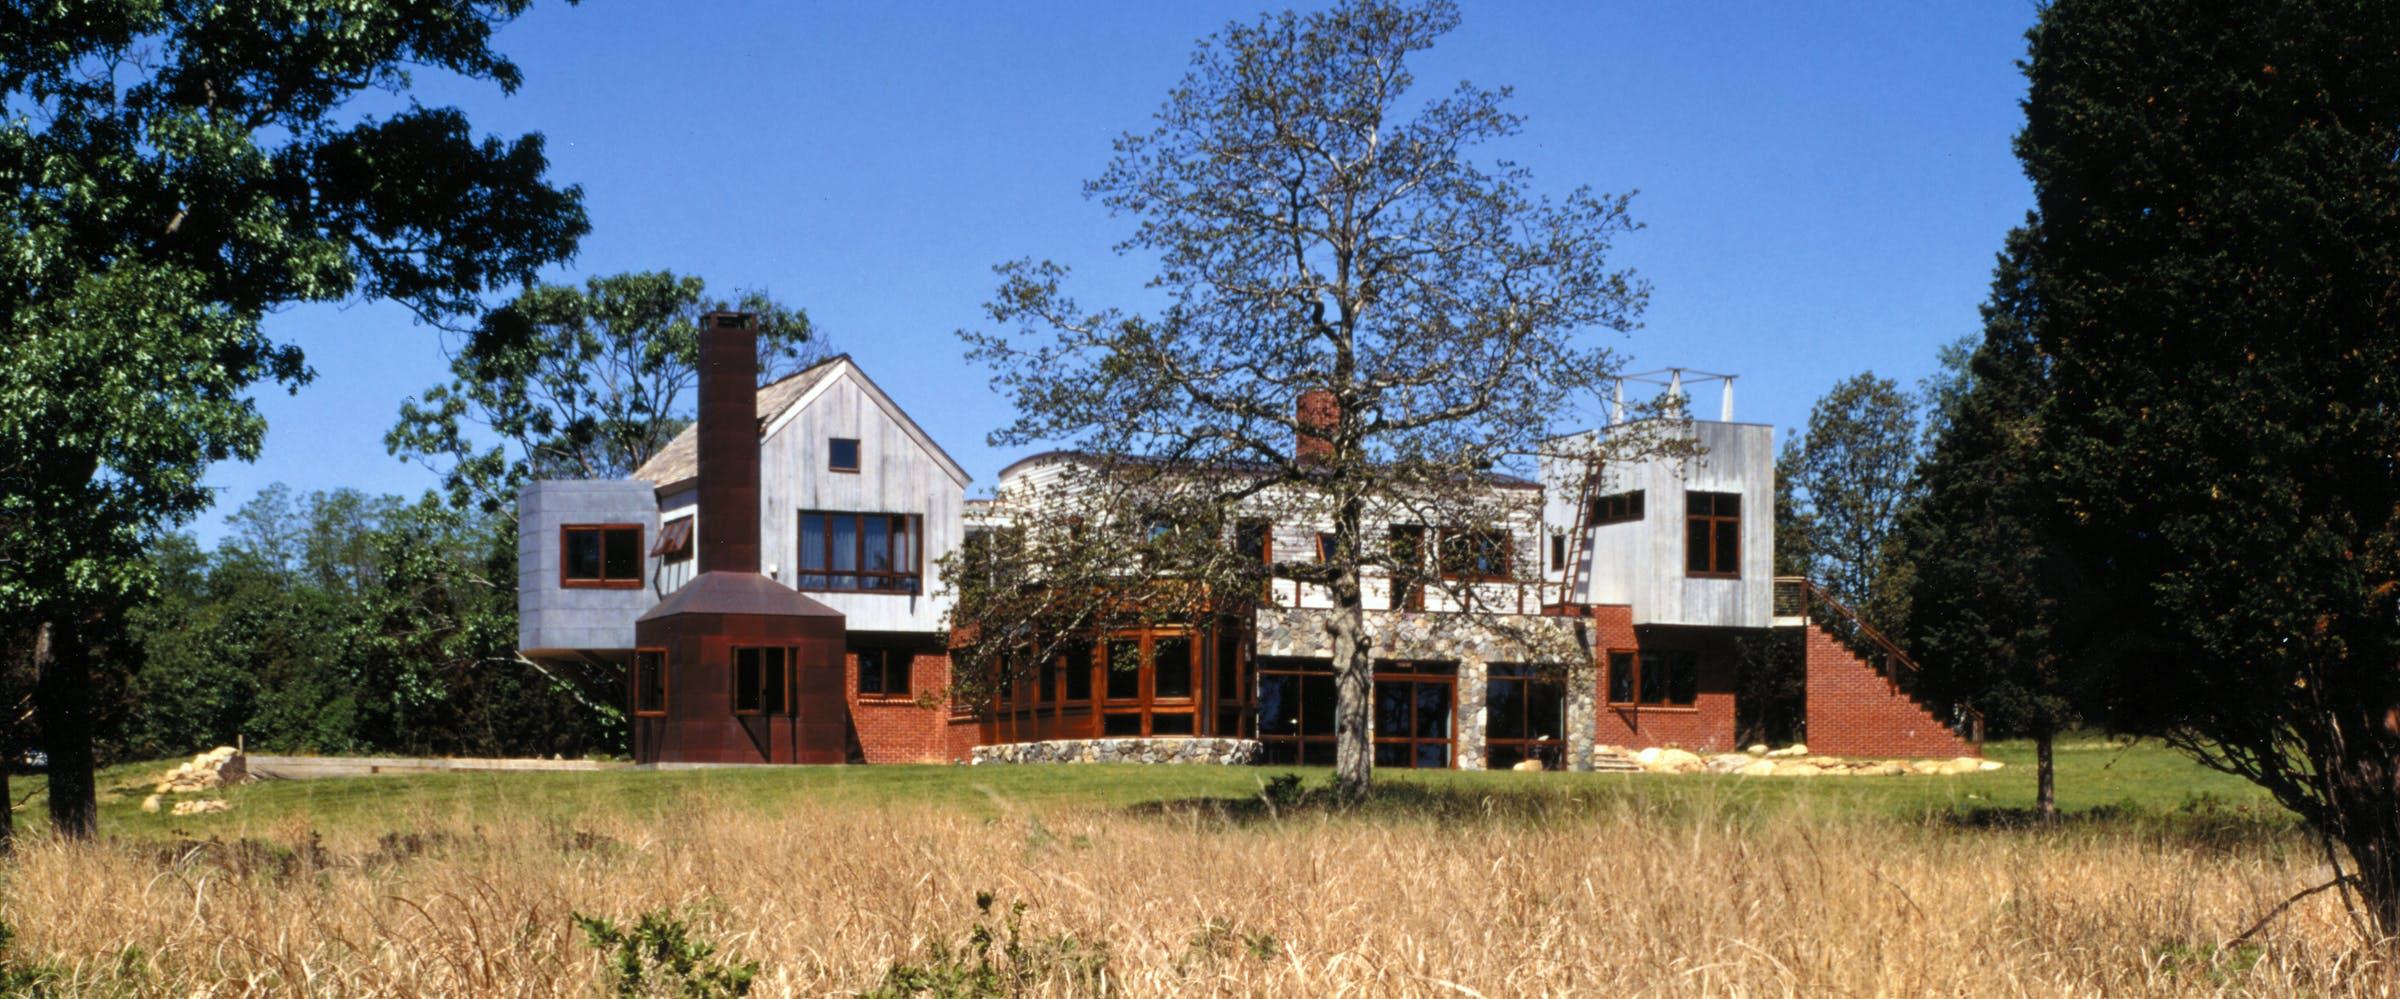 North Haven Home Lee H Skolnick Architecture Design Partnership